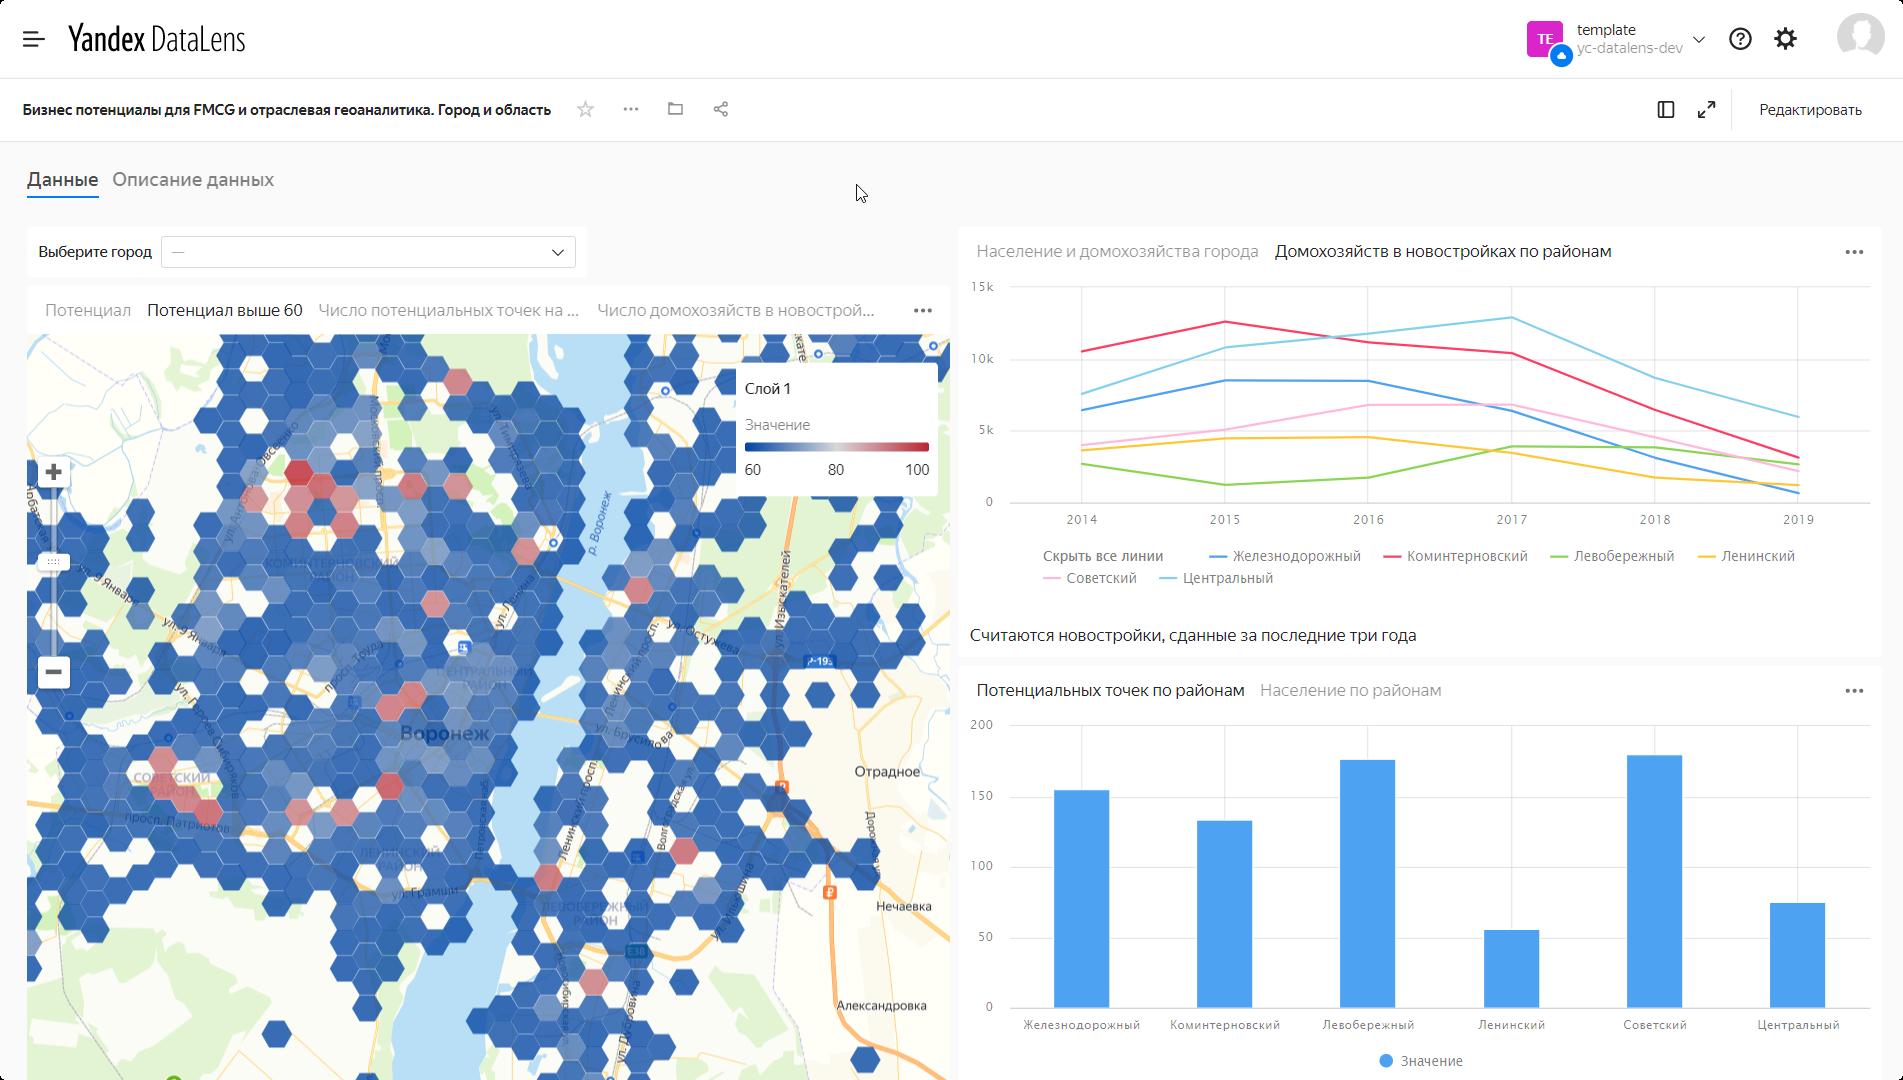 Визуализация данных DataLens. Бизнес потенциалы по ГЕО